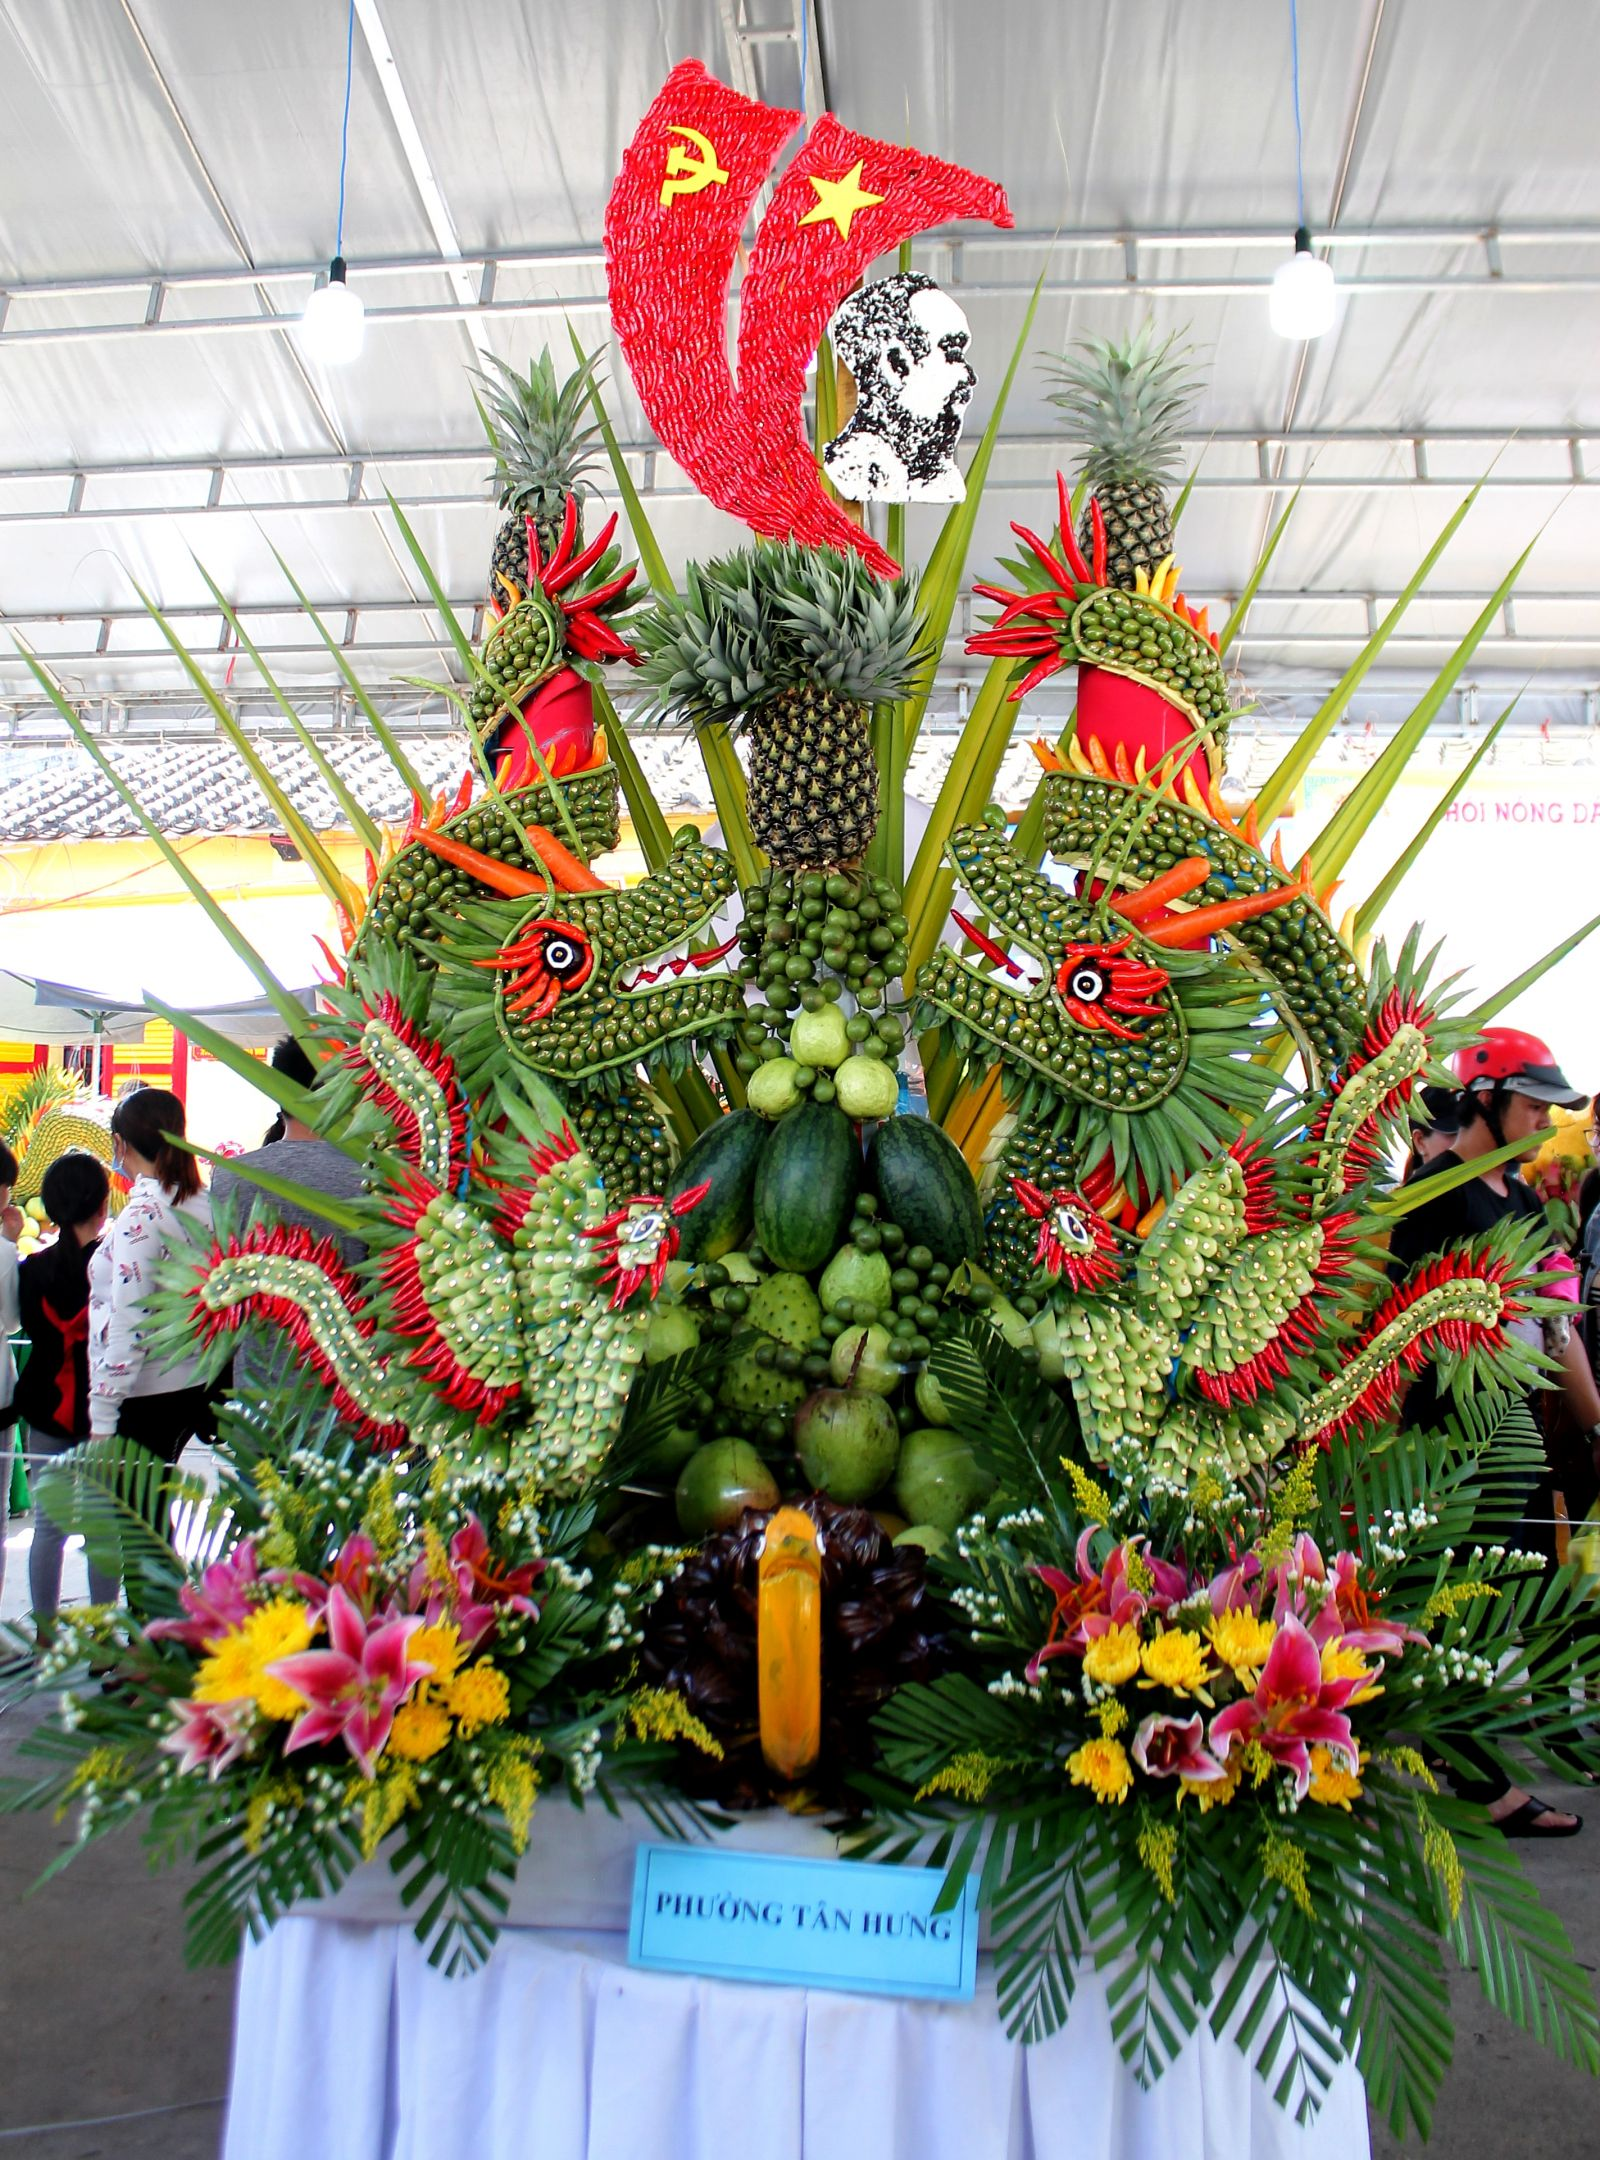 Mâm trái cây của phường Tân Hưng tôn vinh cờ Đảng, cờ Tổ quốc và Bác Hồ.